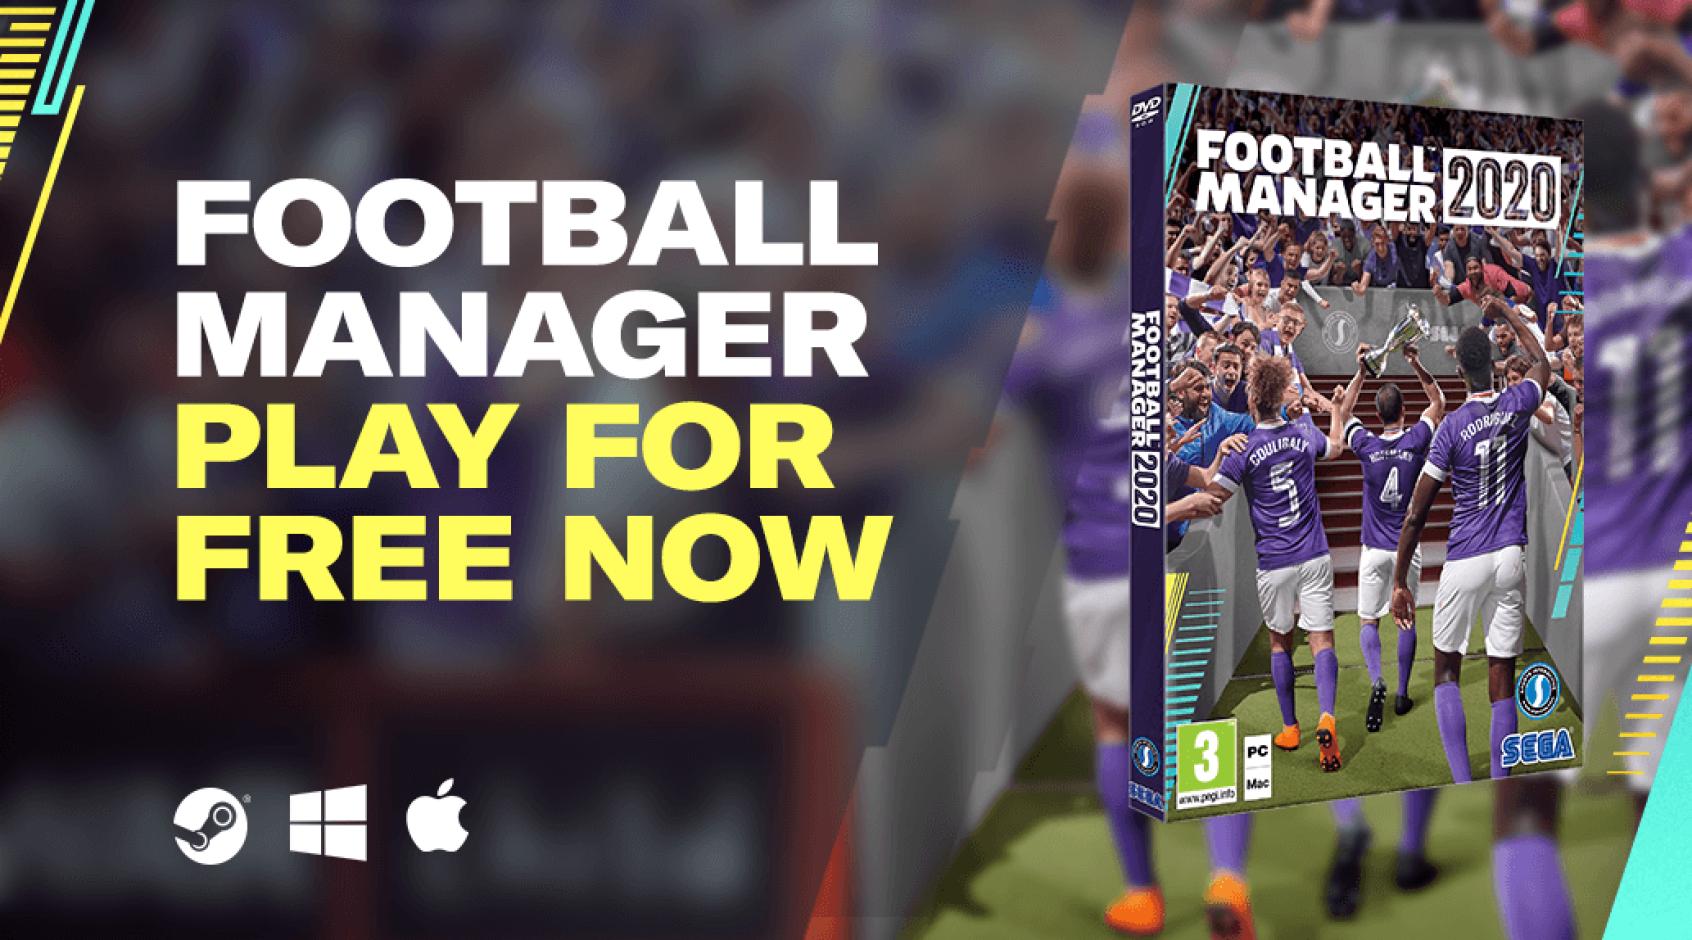 """Популярная игра """"Football Manager 2020"""" доступна в бесплатном режиме"""